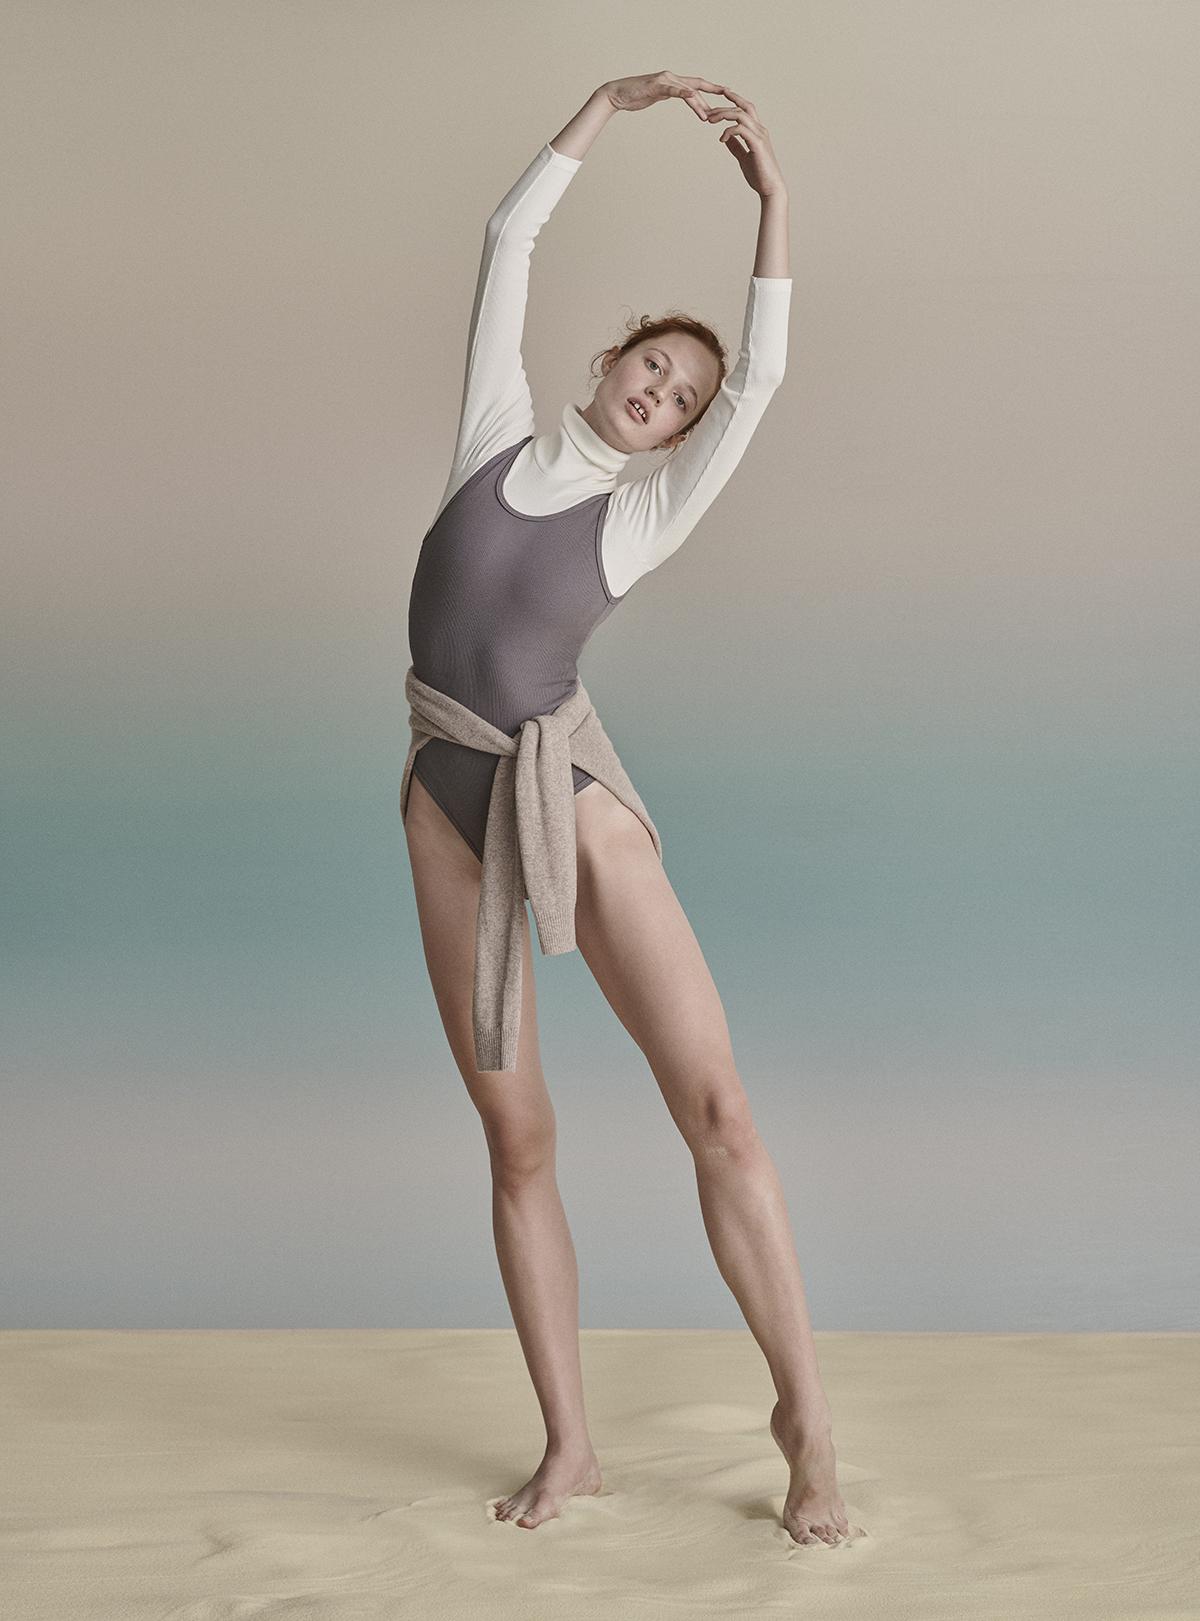 mloda ruda dziewczyna ubrana w szare body na biale body w pozie baletnicy na teczowym tle